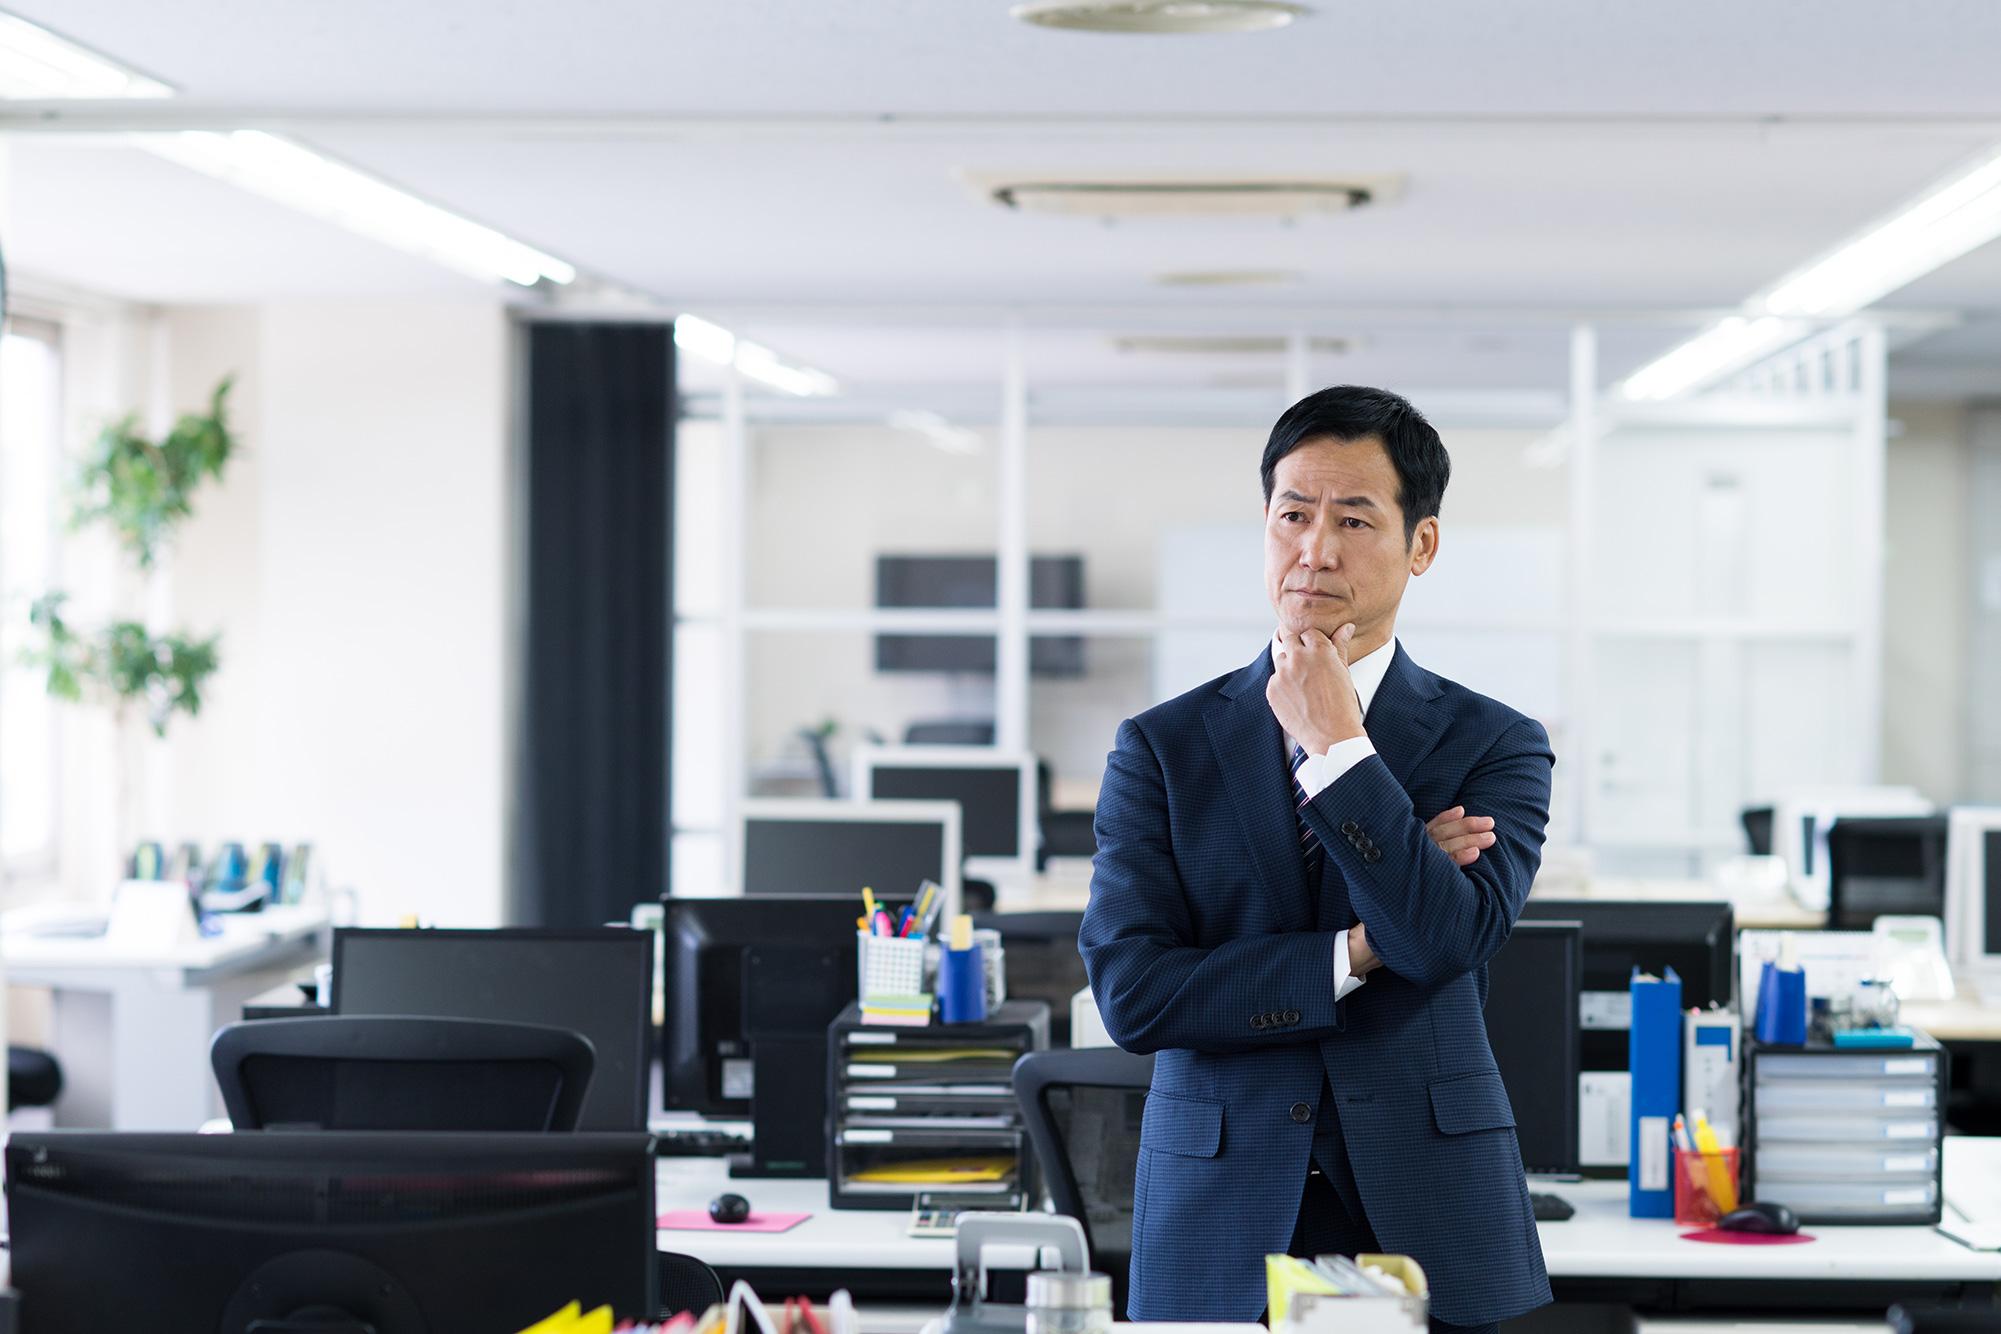 田端直樹の管理職専門コーチング